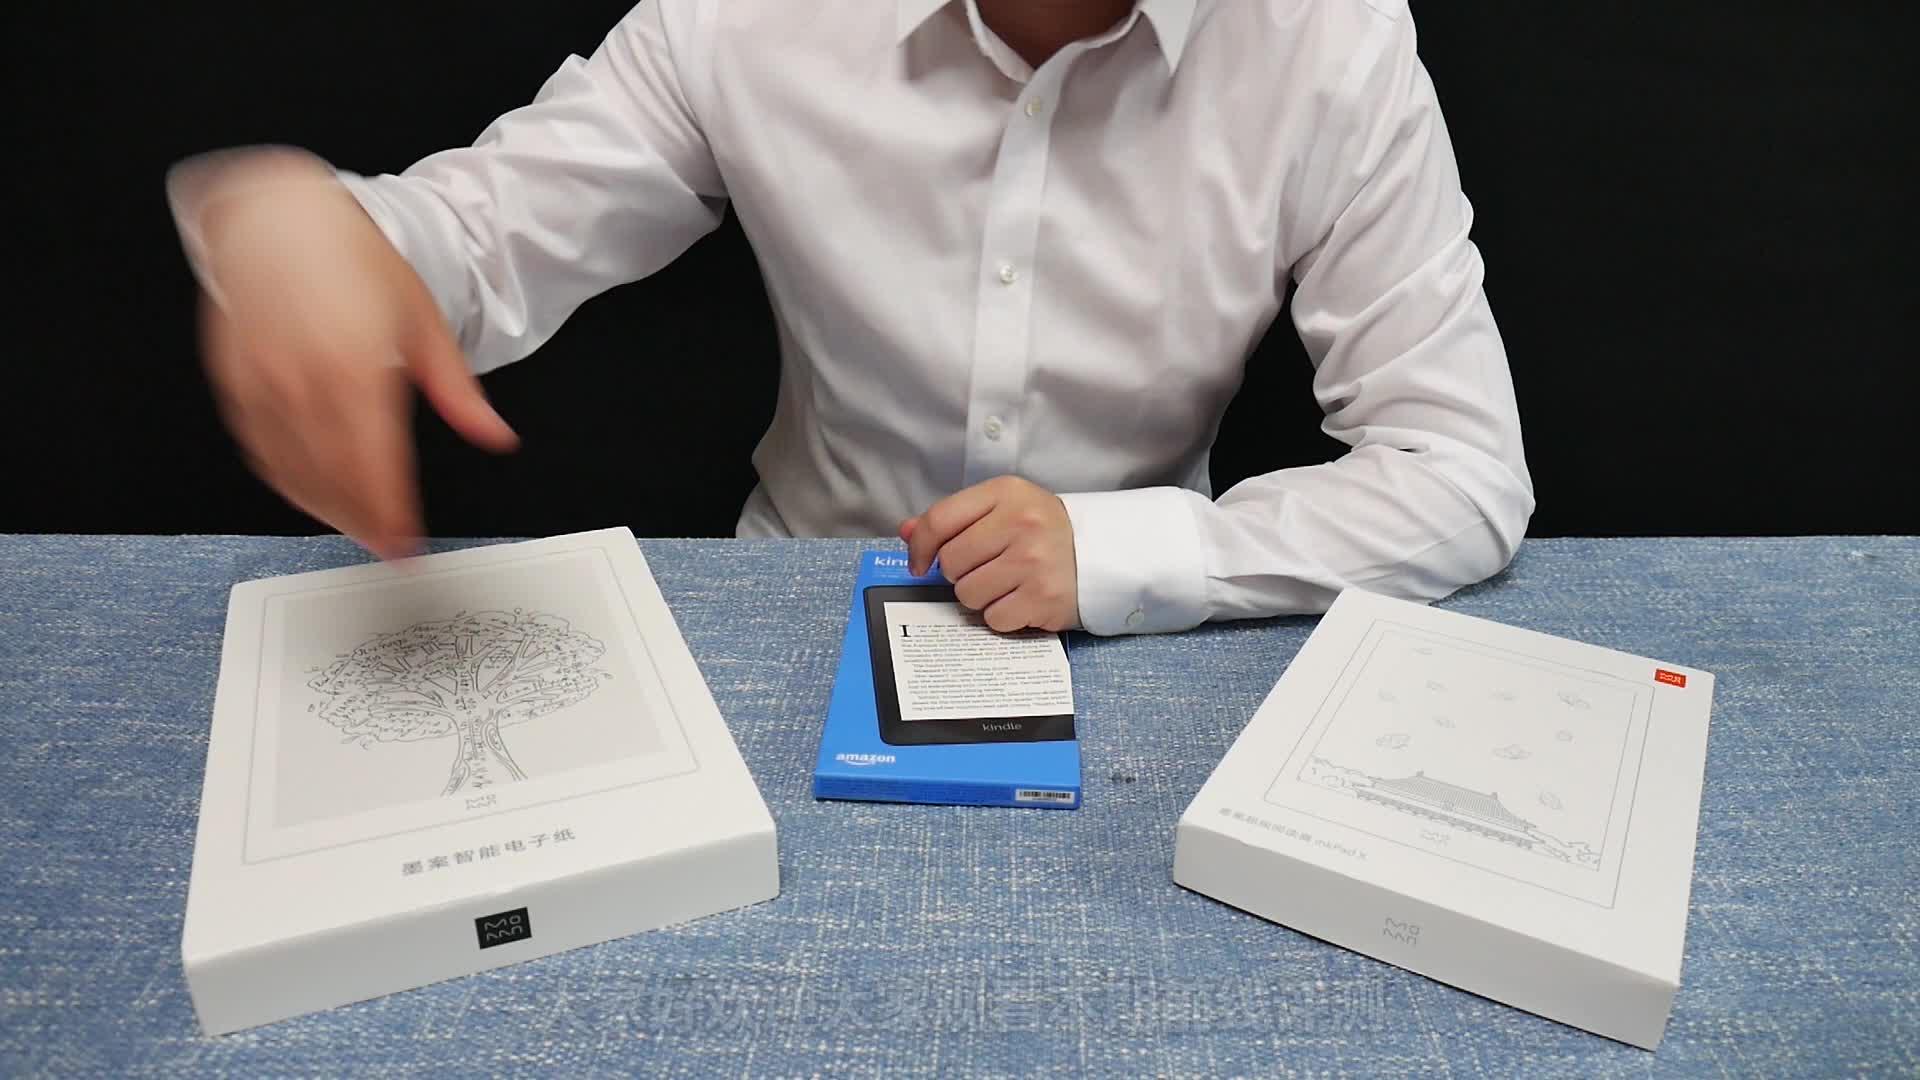 小米墨案推出10寸墨水屏PAD,还能安装抖音,kindle瑟瑟发抖